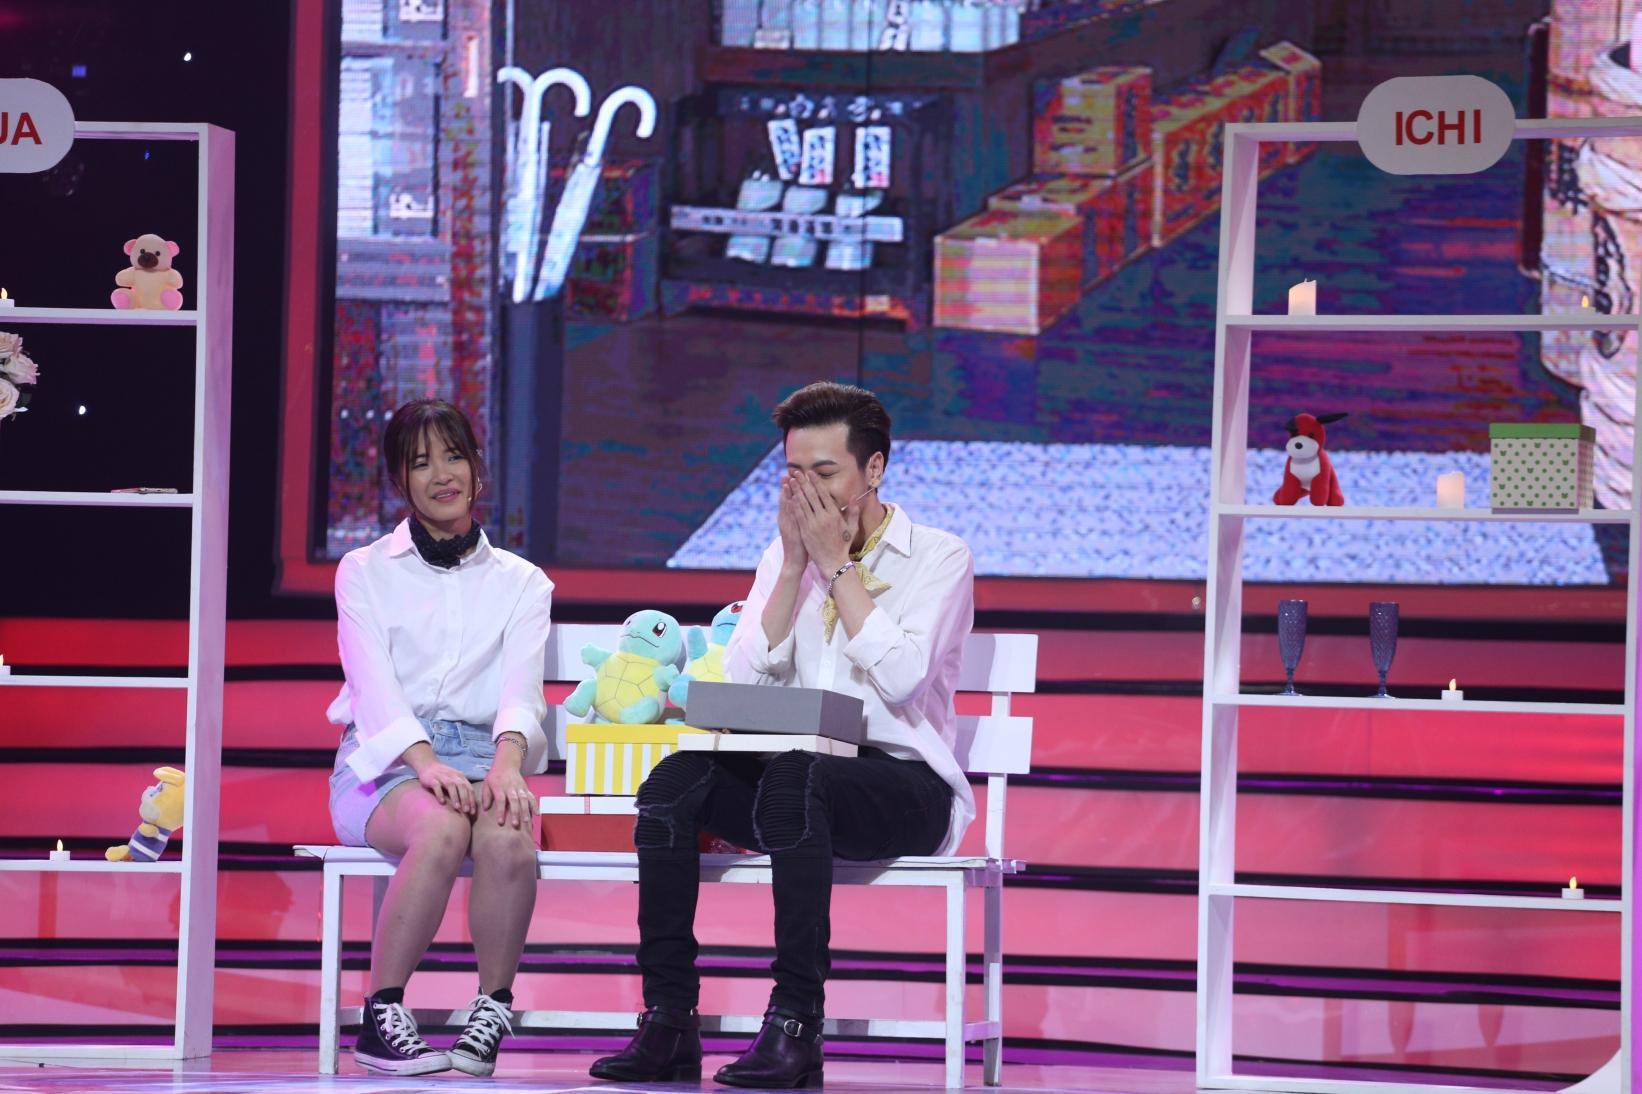 Bay từ Hàn Quốc về tỏ tình với Phí Ngọc Hưng, vậy mà cô gái này nhát đến nỗi không dám đọc kết quả-4